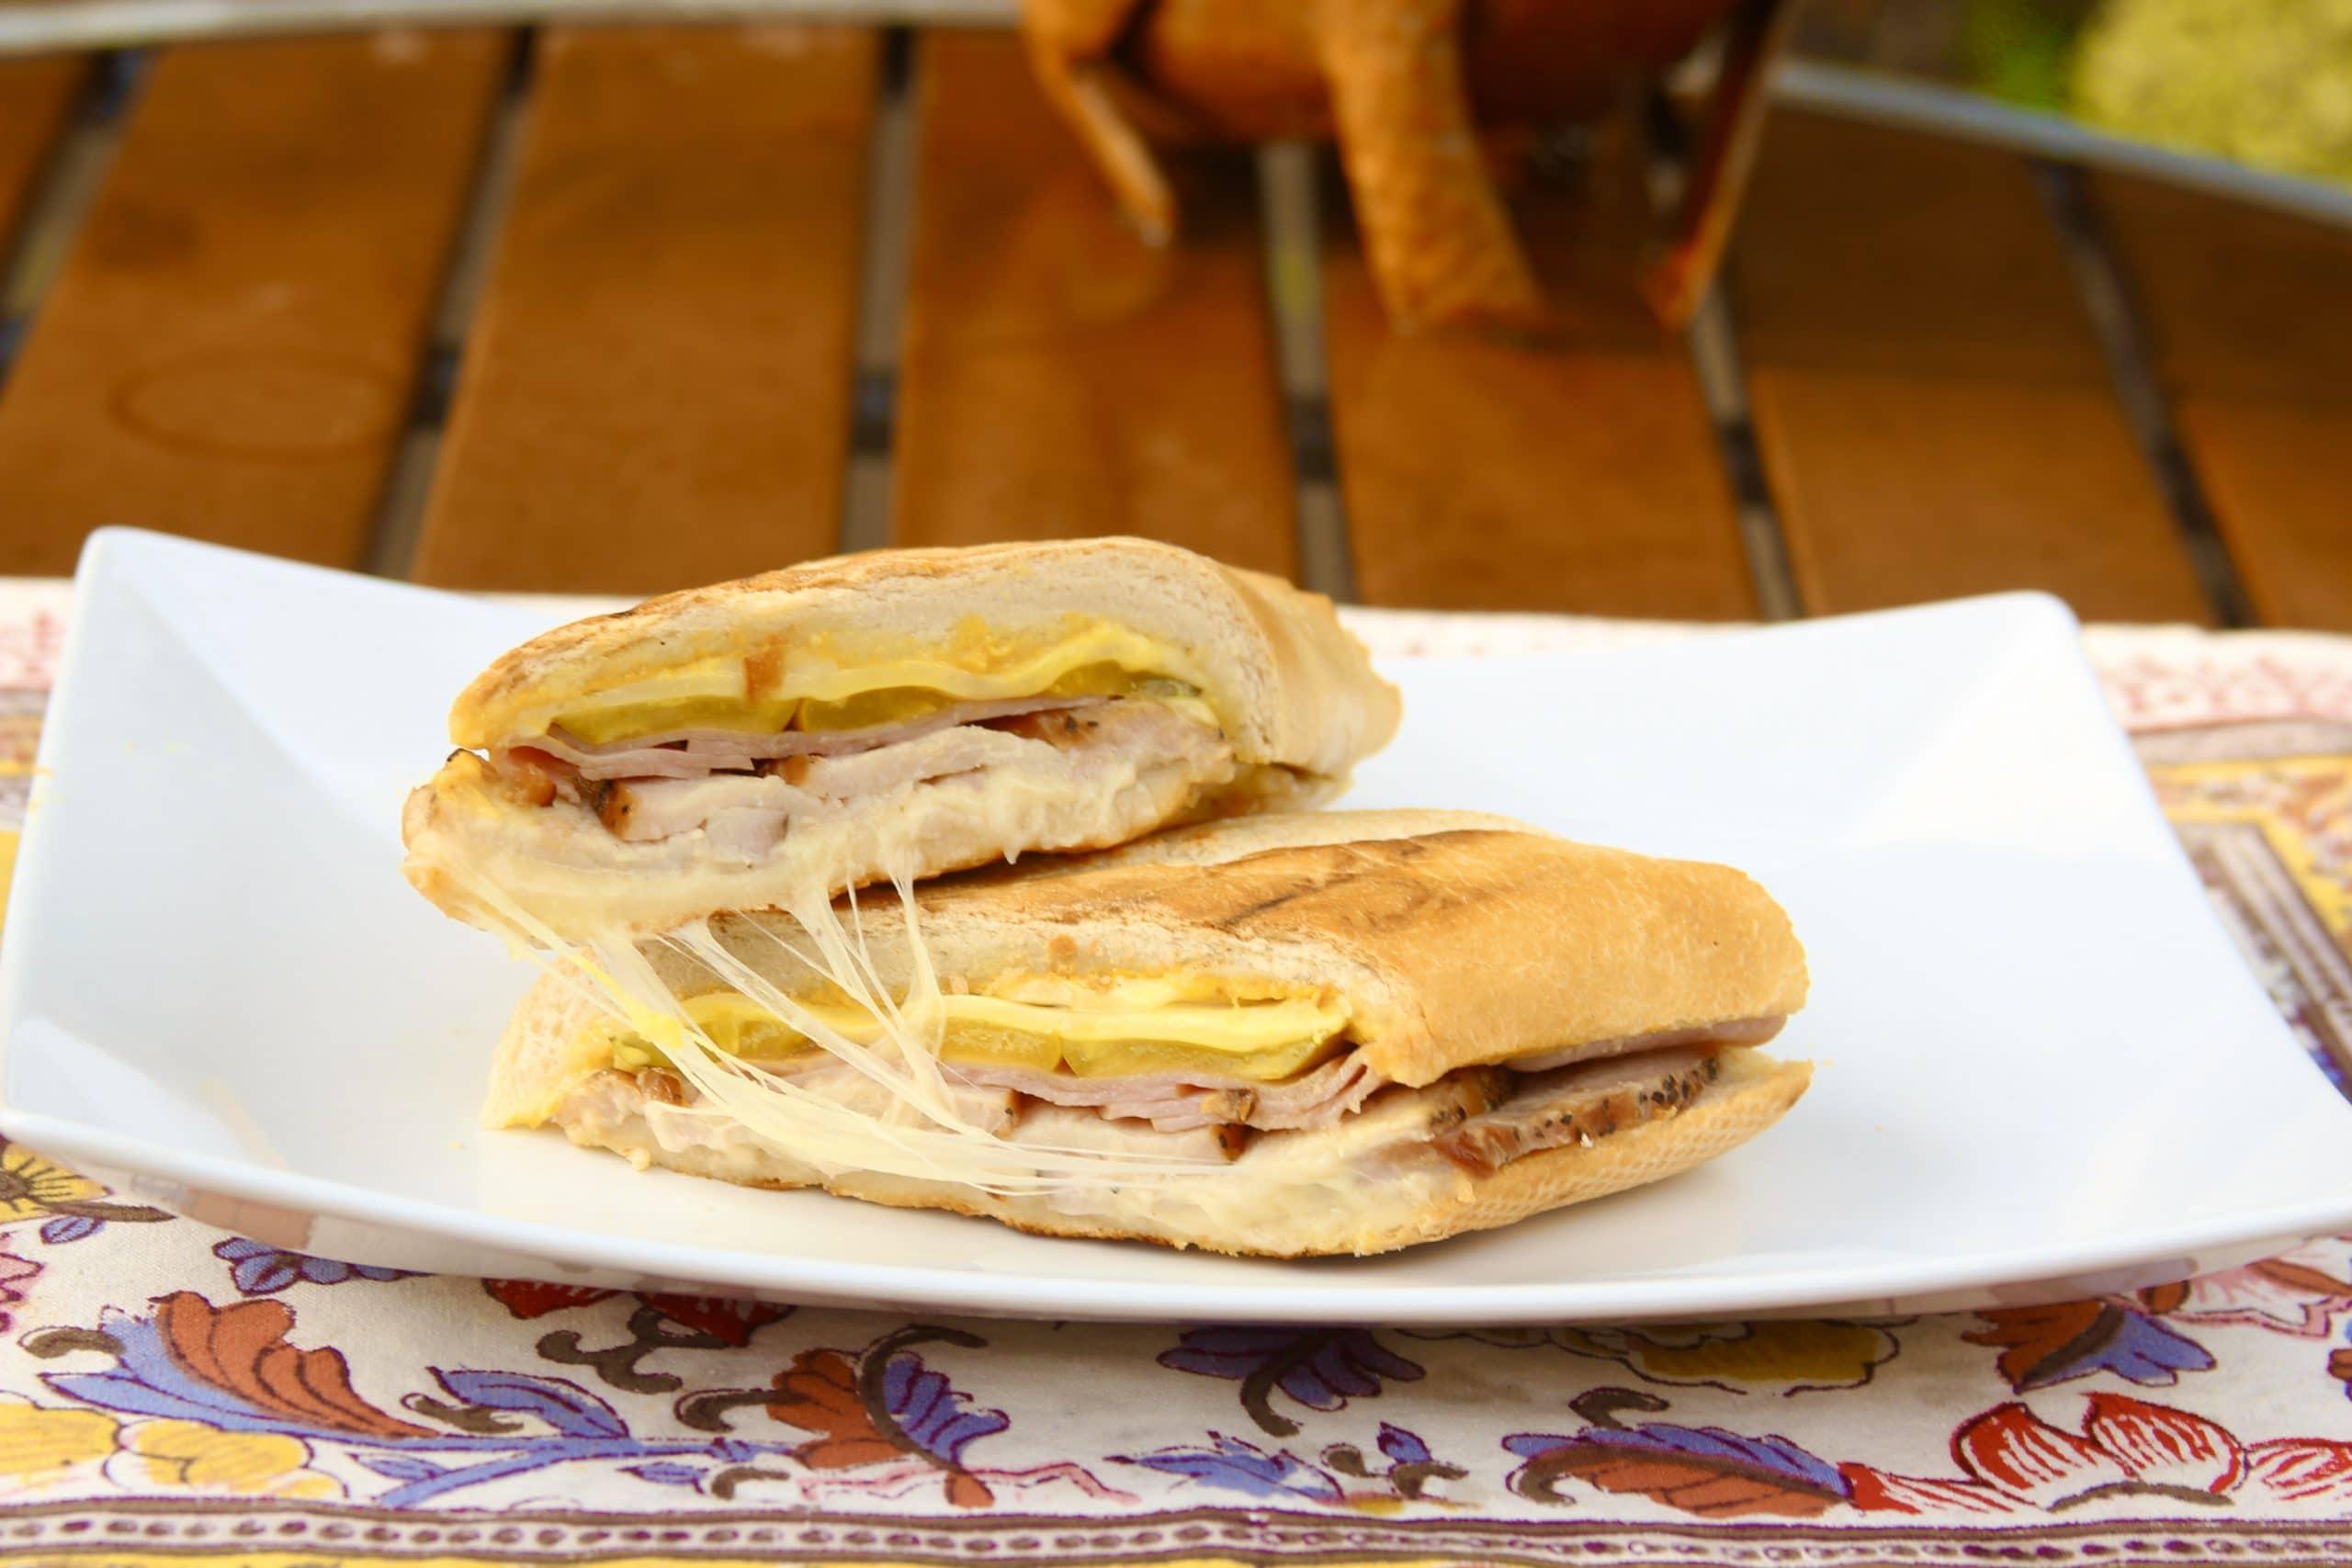 Pork loin Cuban sandwich